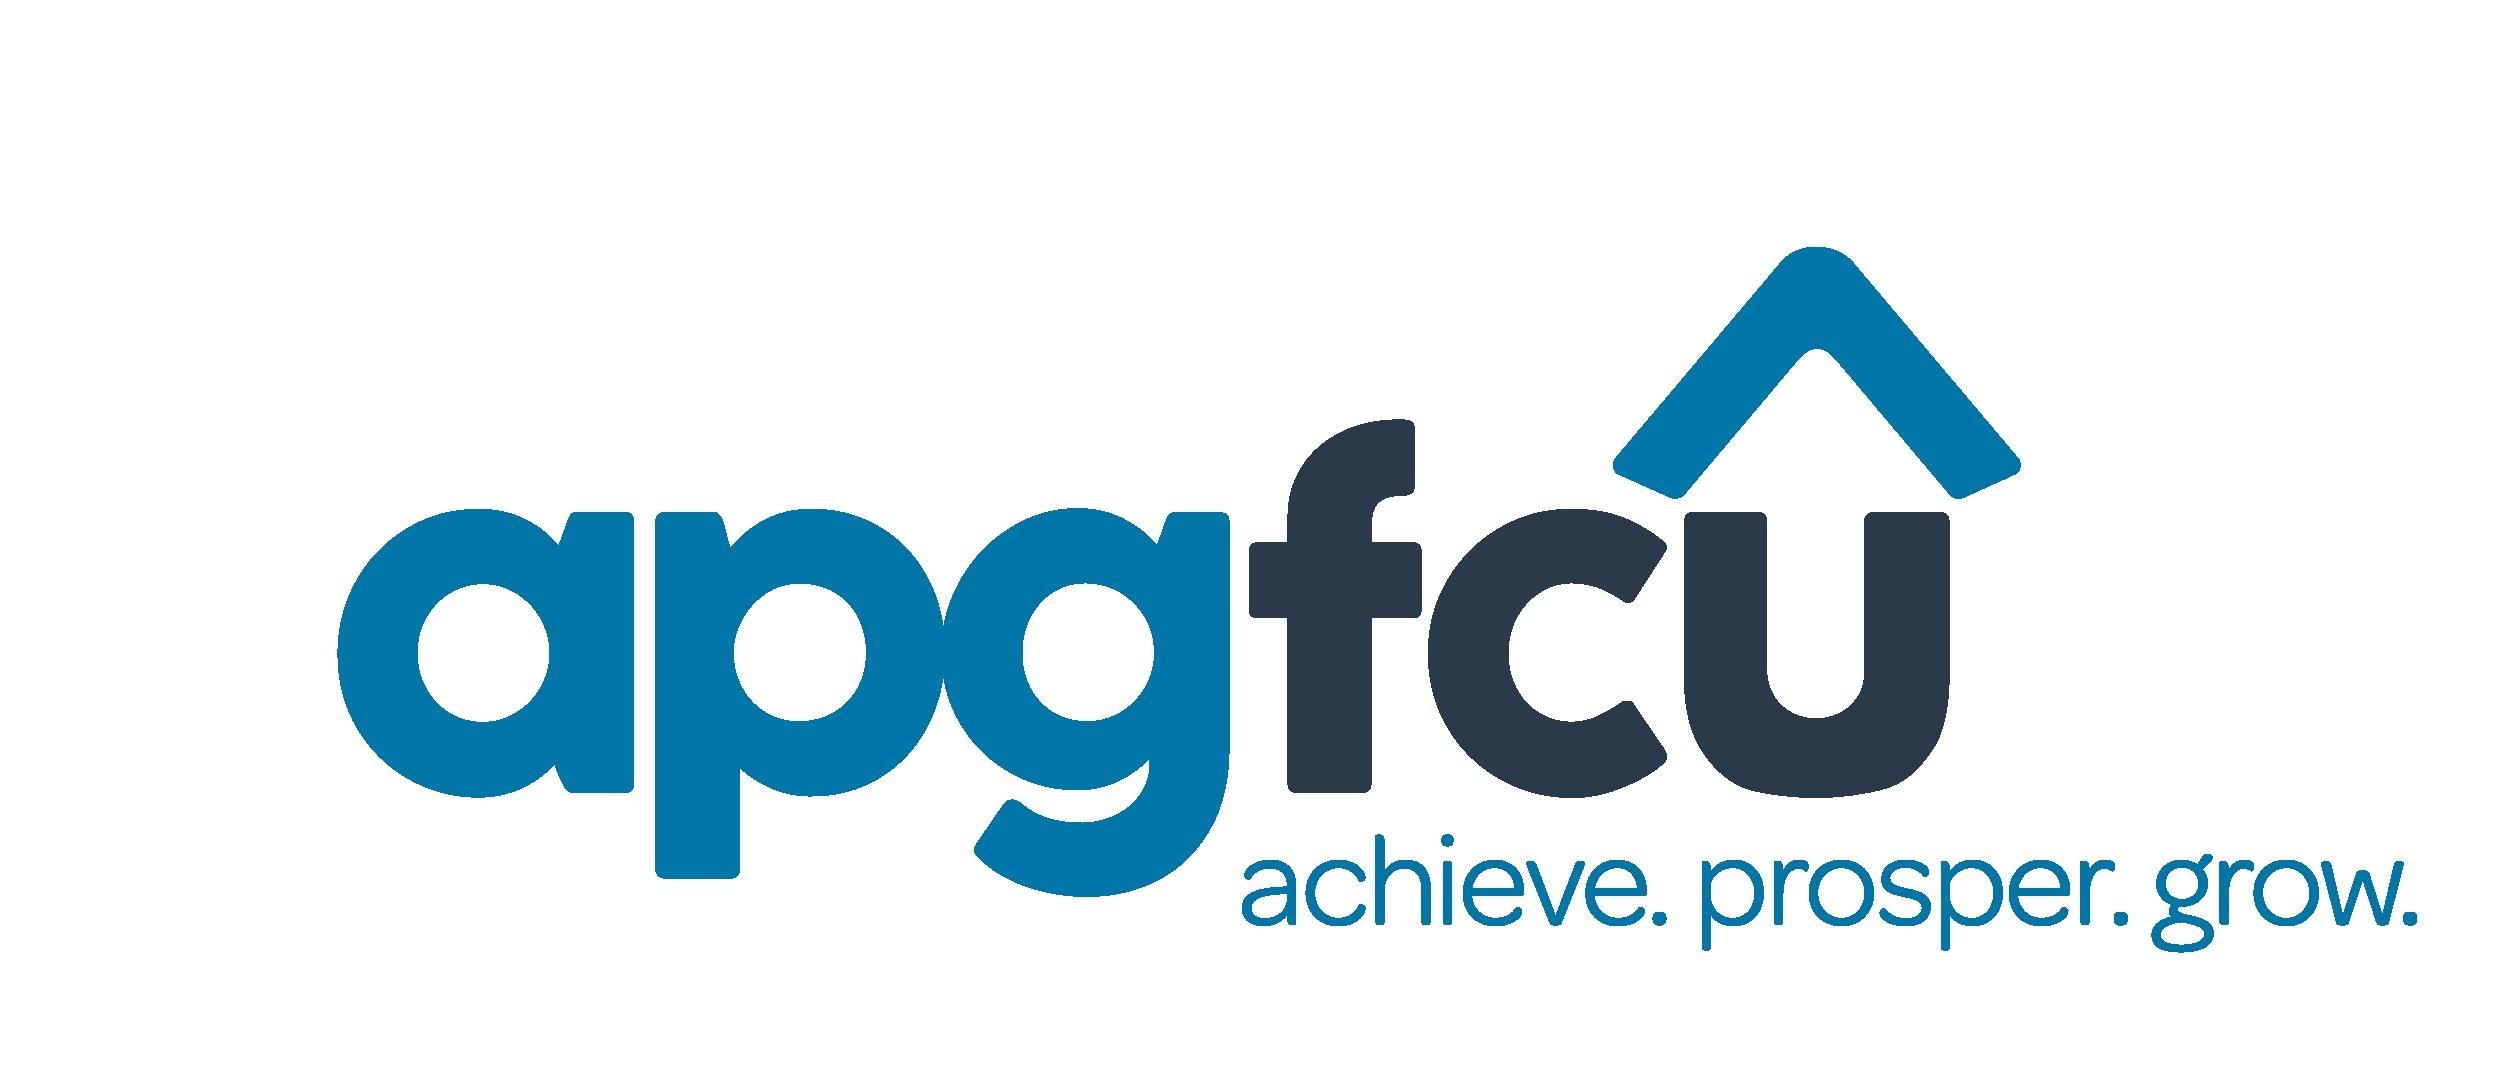 APGFCU_Tagline_CMYK.jpg